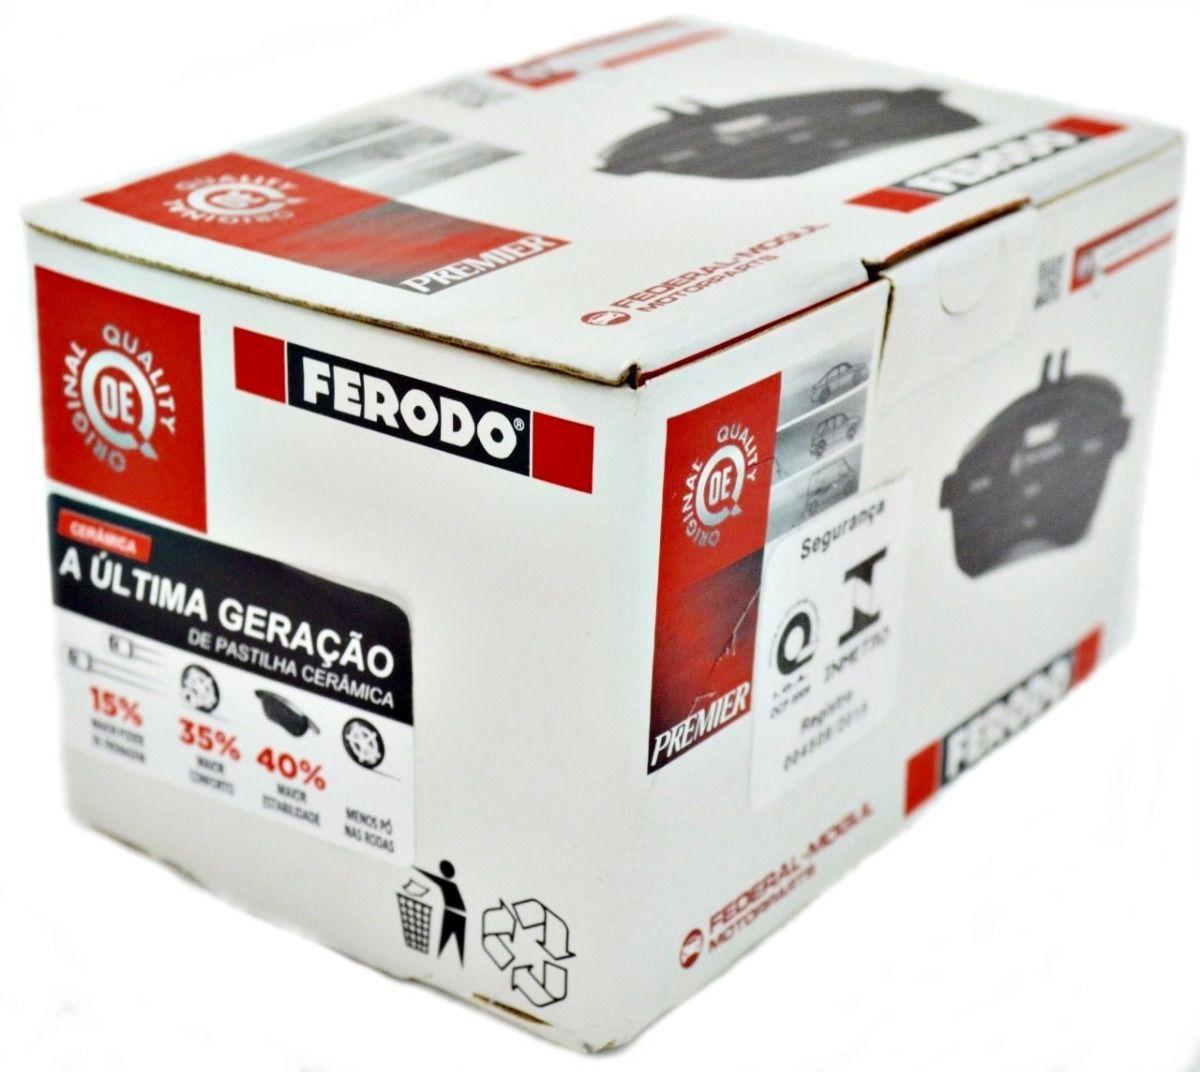 Kit Disco Freio Dianteiro + Pastilha Ceramica Amarok 2.0 16V